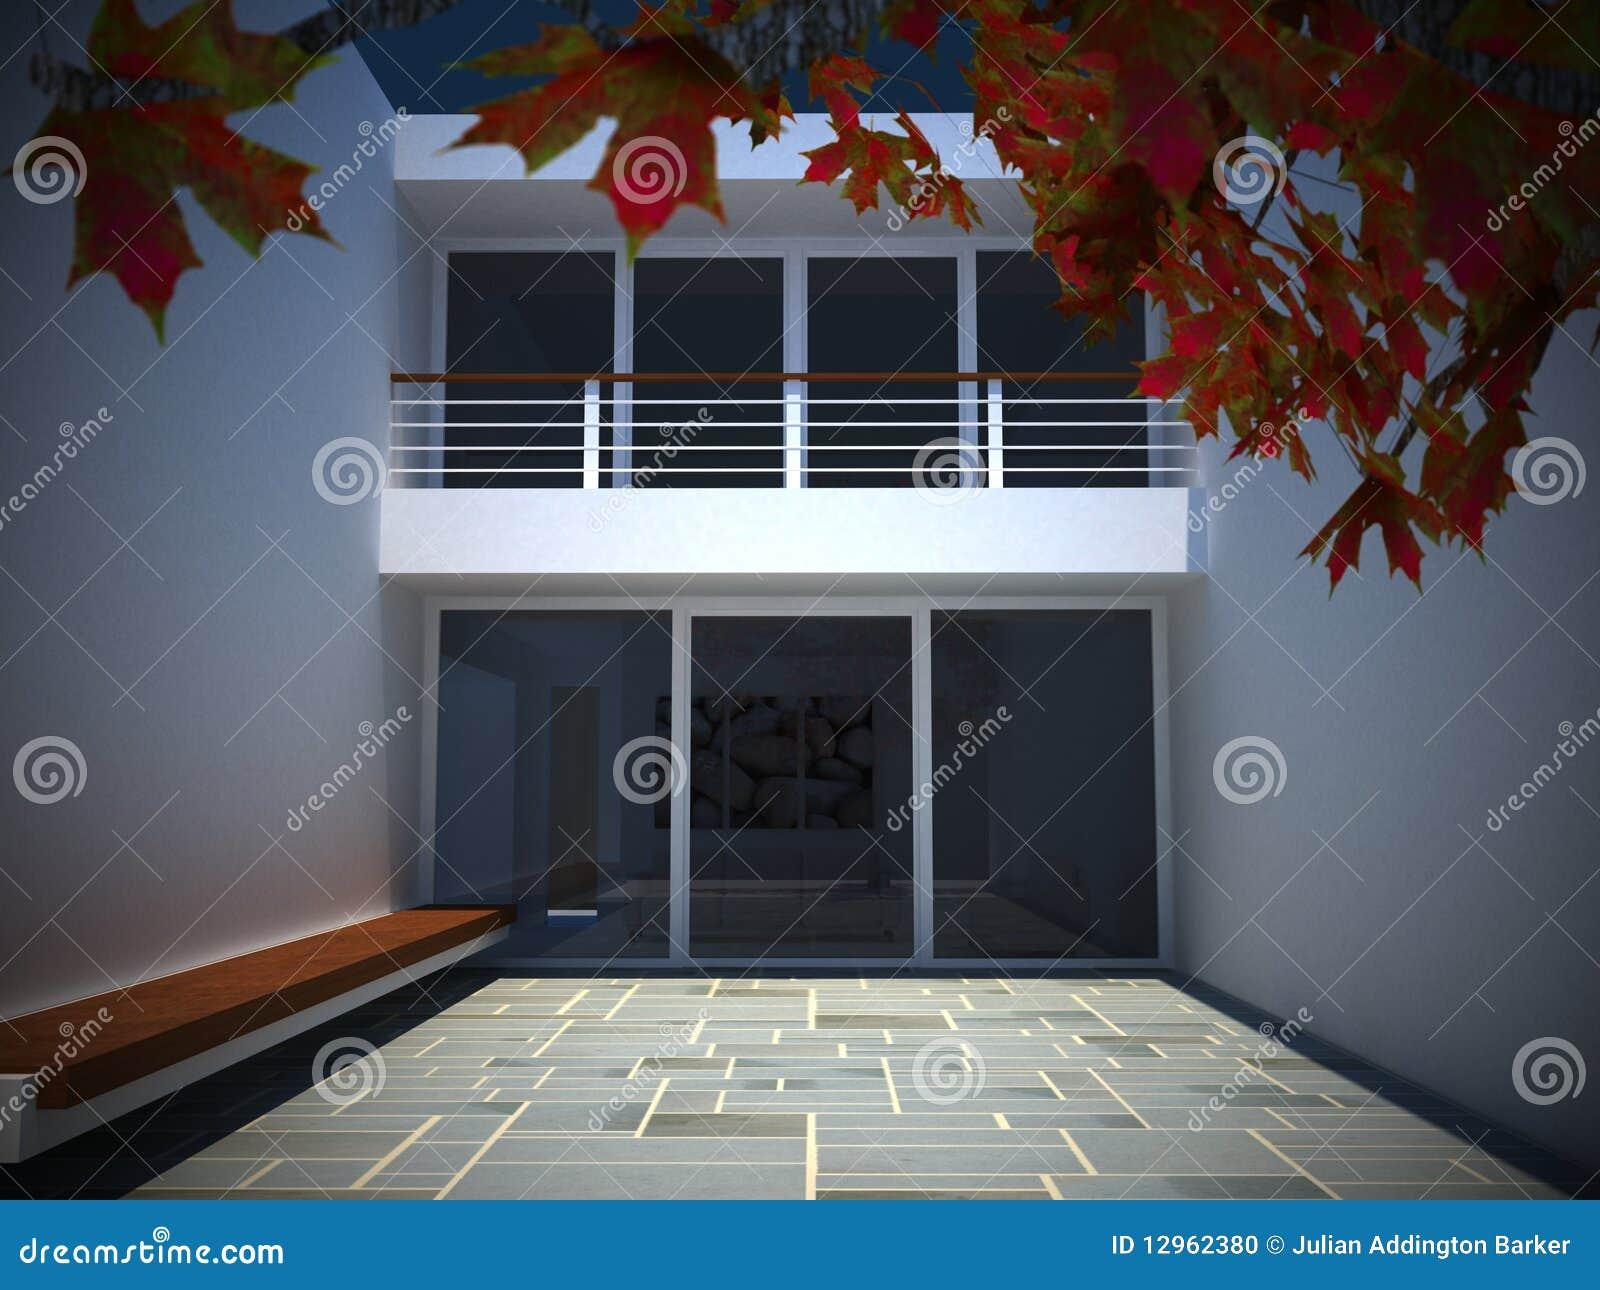 Cortile moderno della casa illustrazione di stock for Casa di tudor moderno